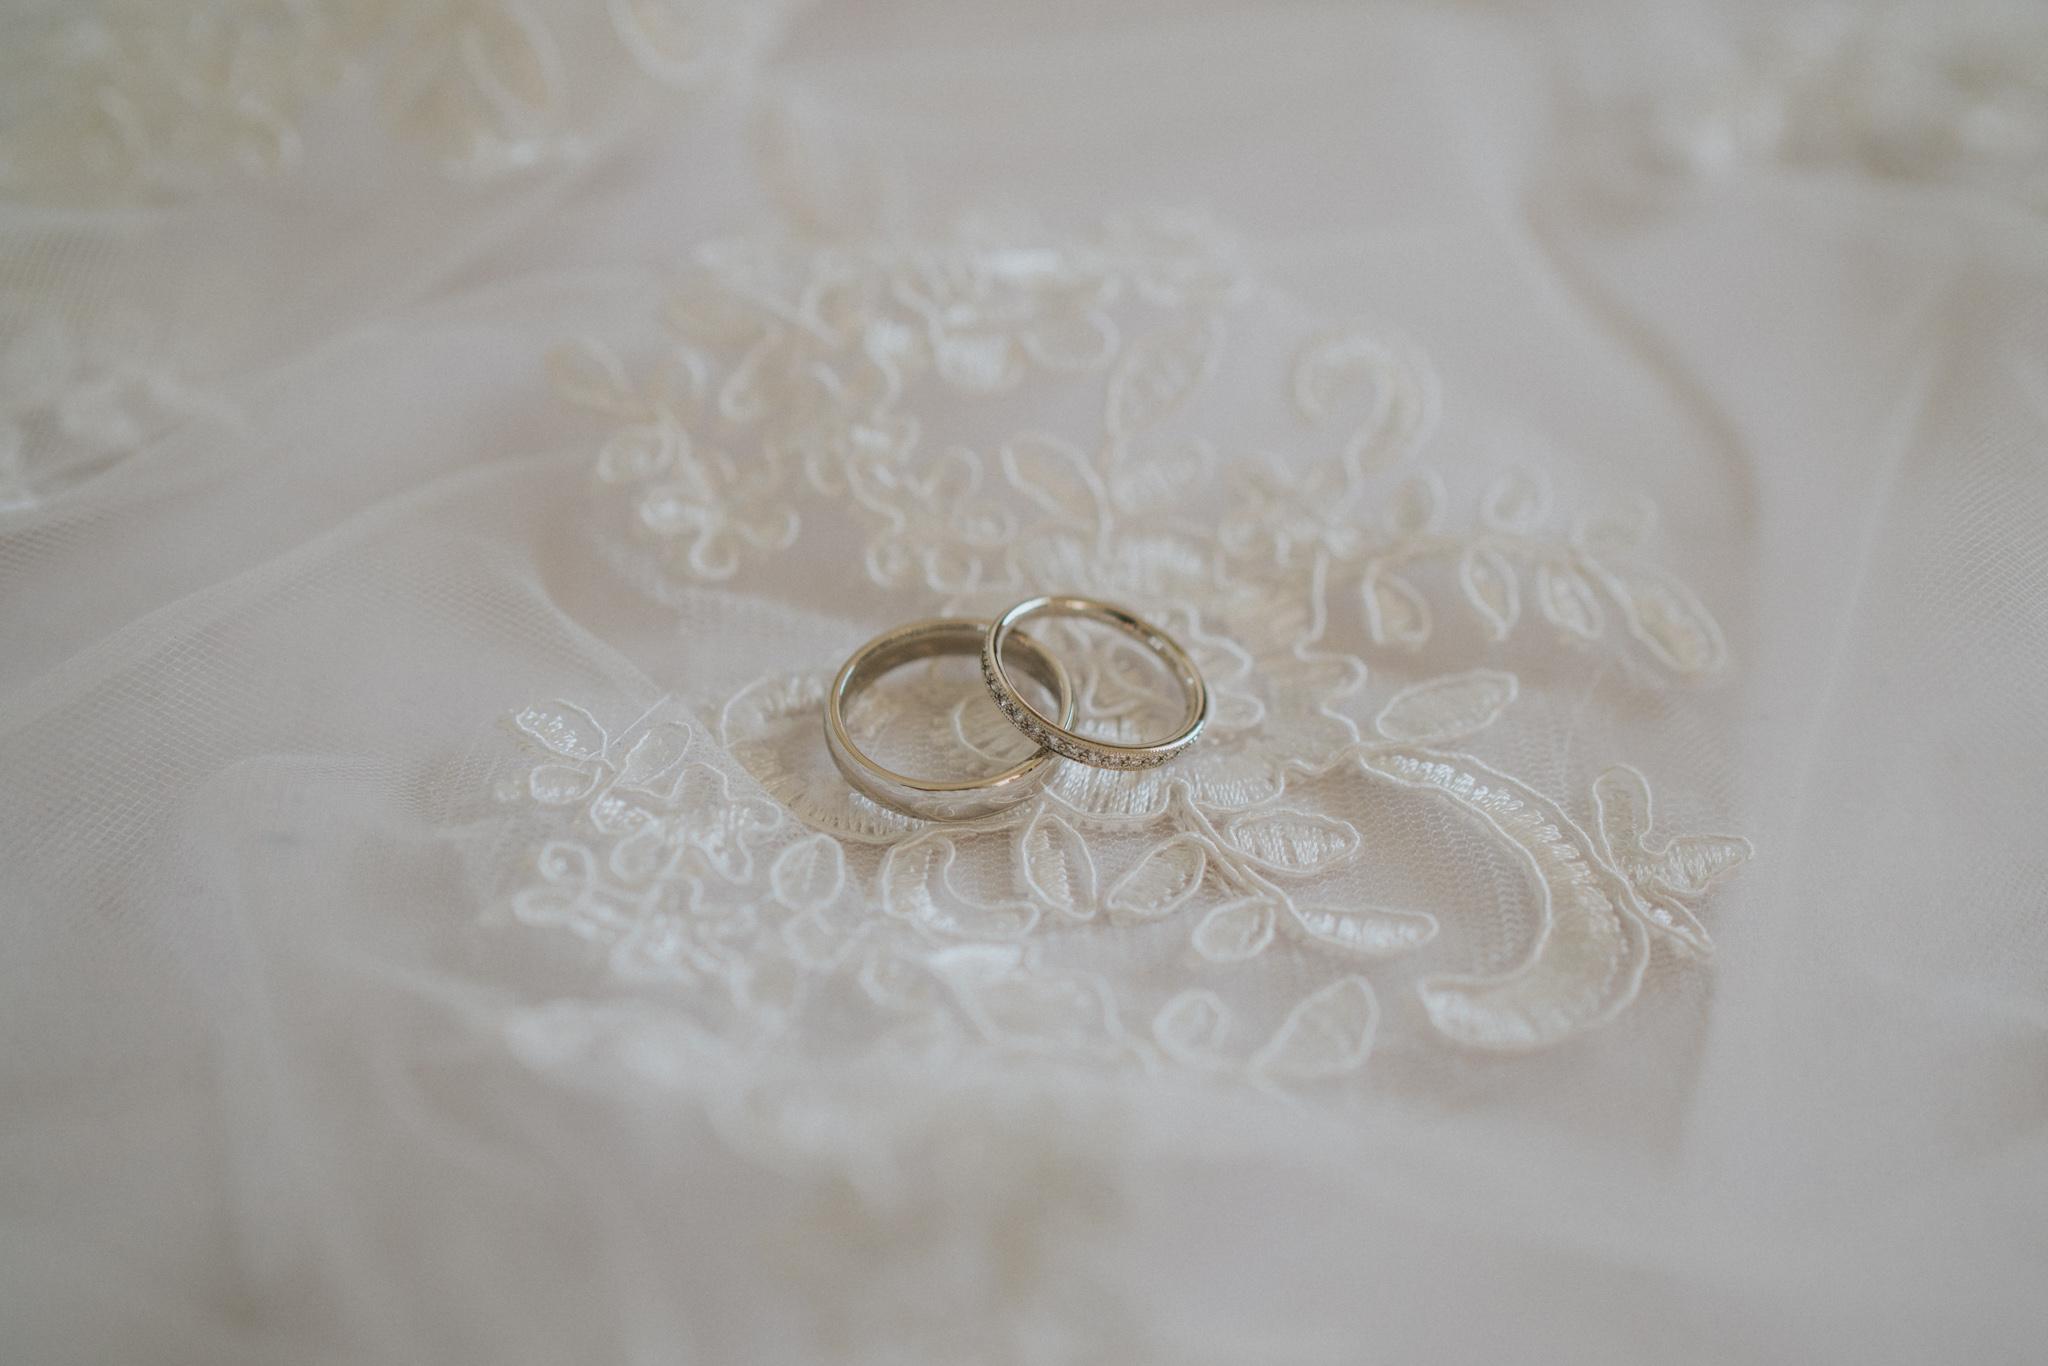 lizzie-faz-fennes-asian-fusion-wedding-grace-elizabeth-colchester-essex-alternative-wedding-lifestyle-photographer-essex-suffolk-norfolk-devon (4 of 55).jpg